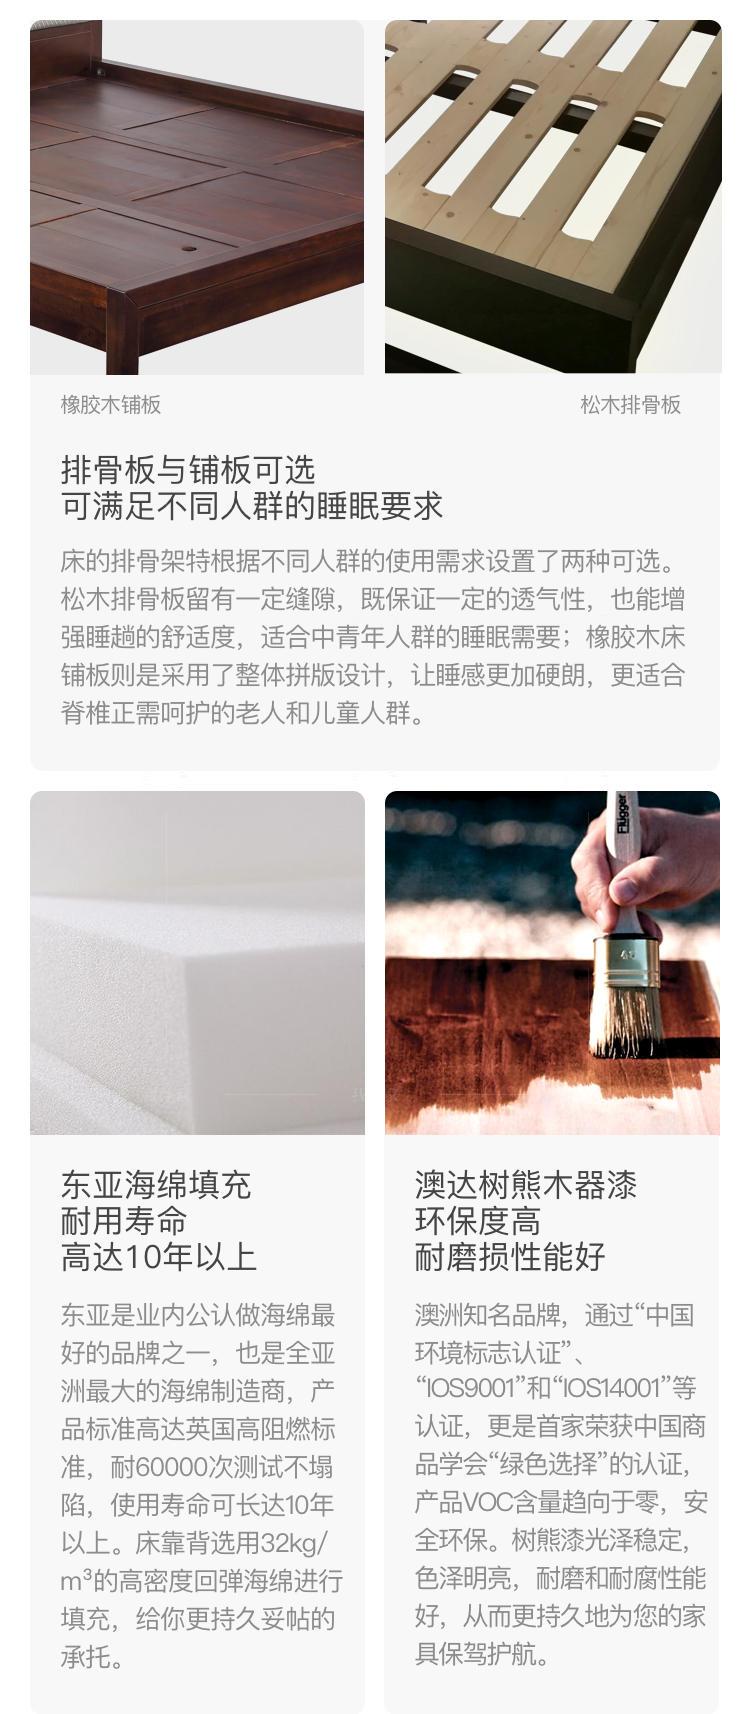 新中式风格疏影双人床的家具详细介绍